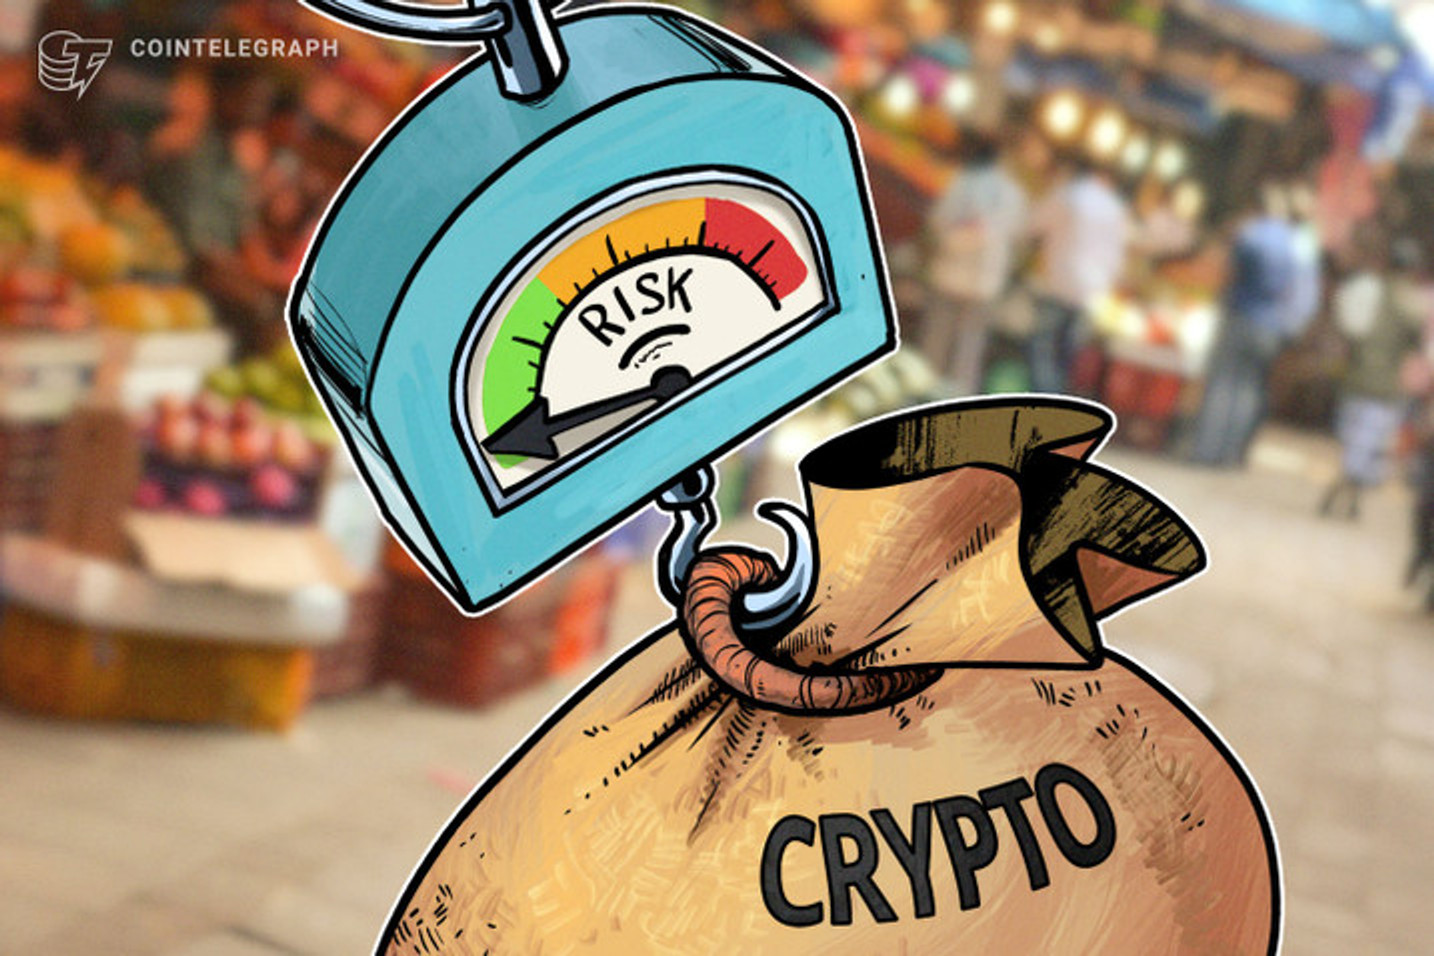 Imposto pela frente? Receita Federal vai revisar regras sobre negociação de Bitcoin na IN 1888 a partir de 2021